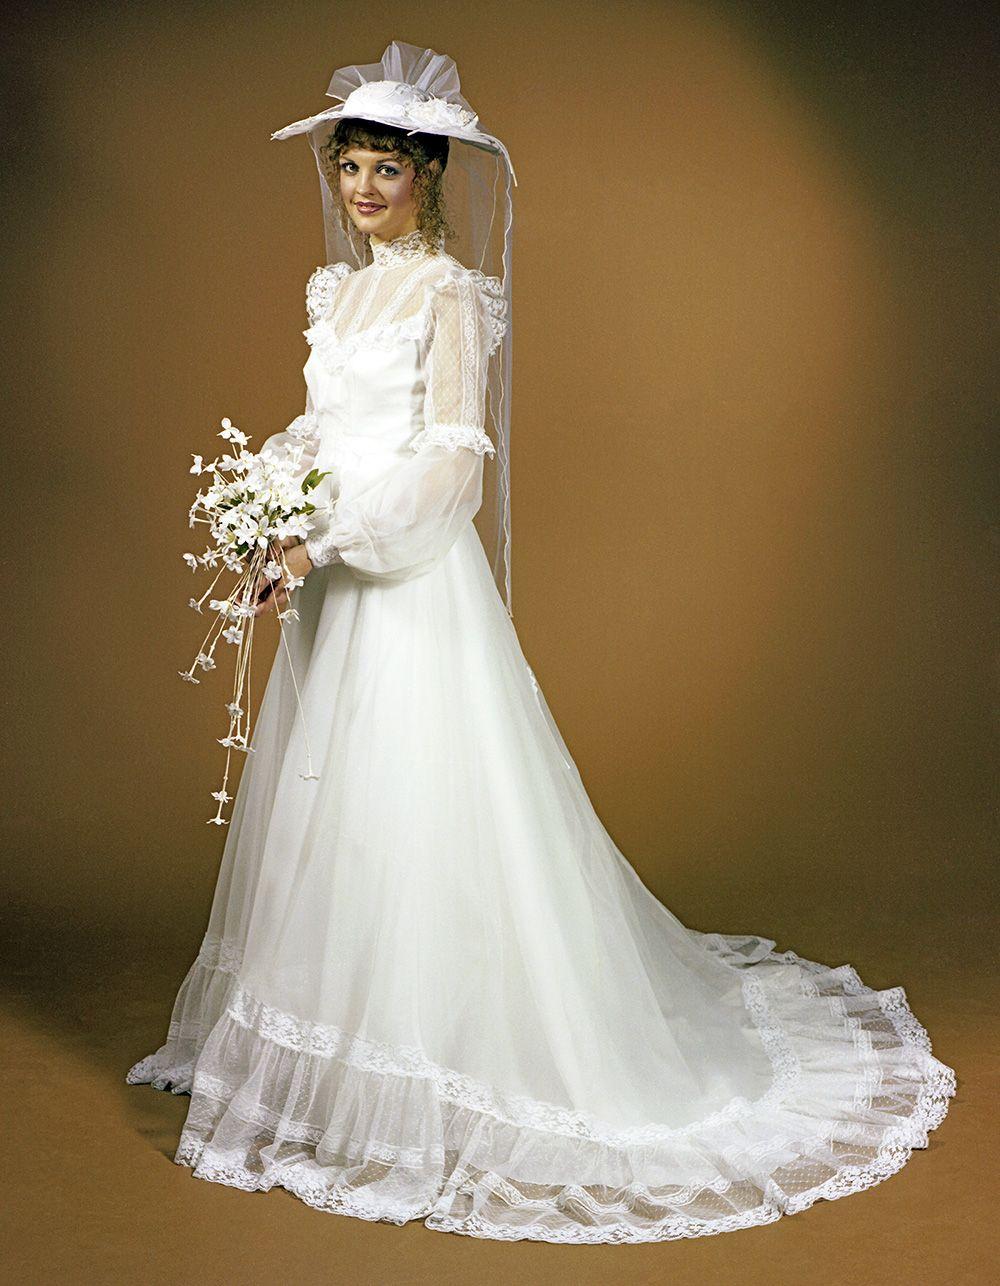 jcpenney wedding party dresses off 20   medpharmres.com